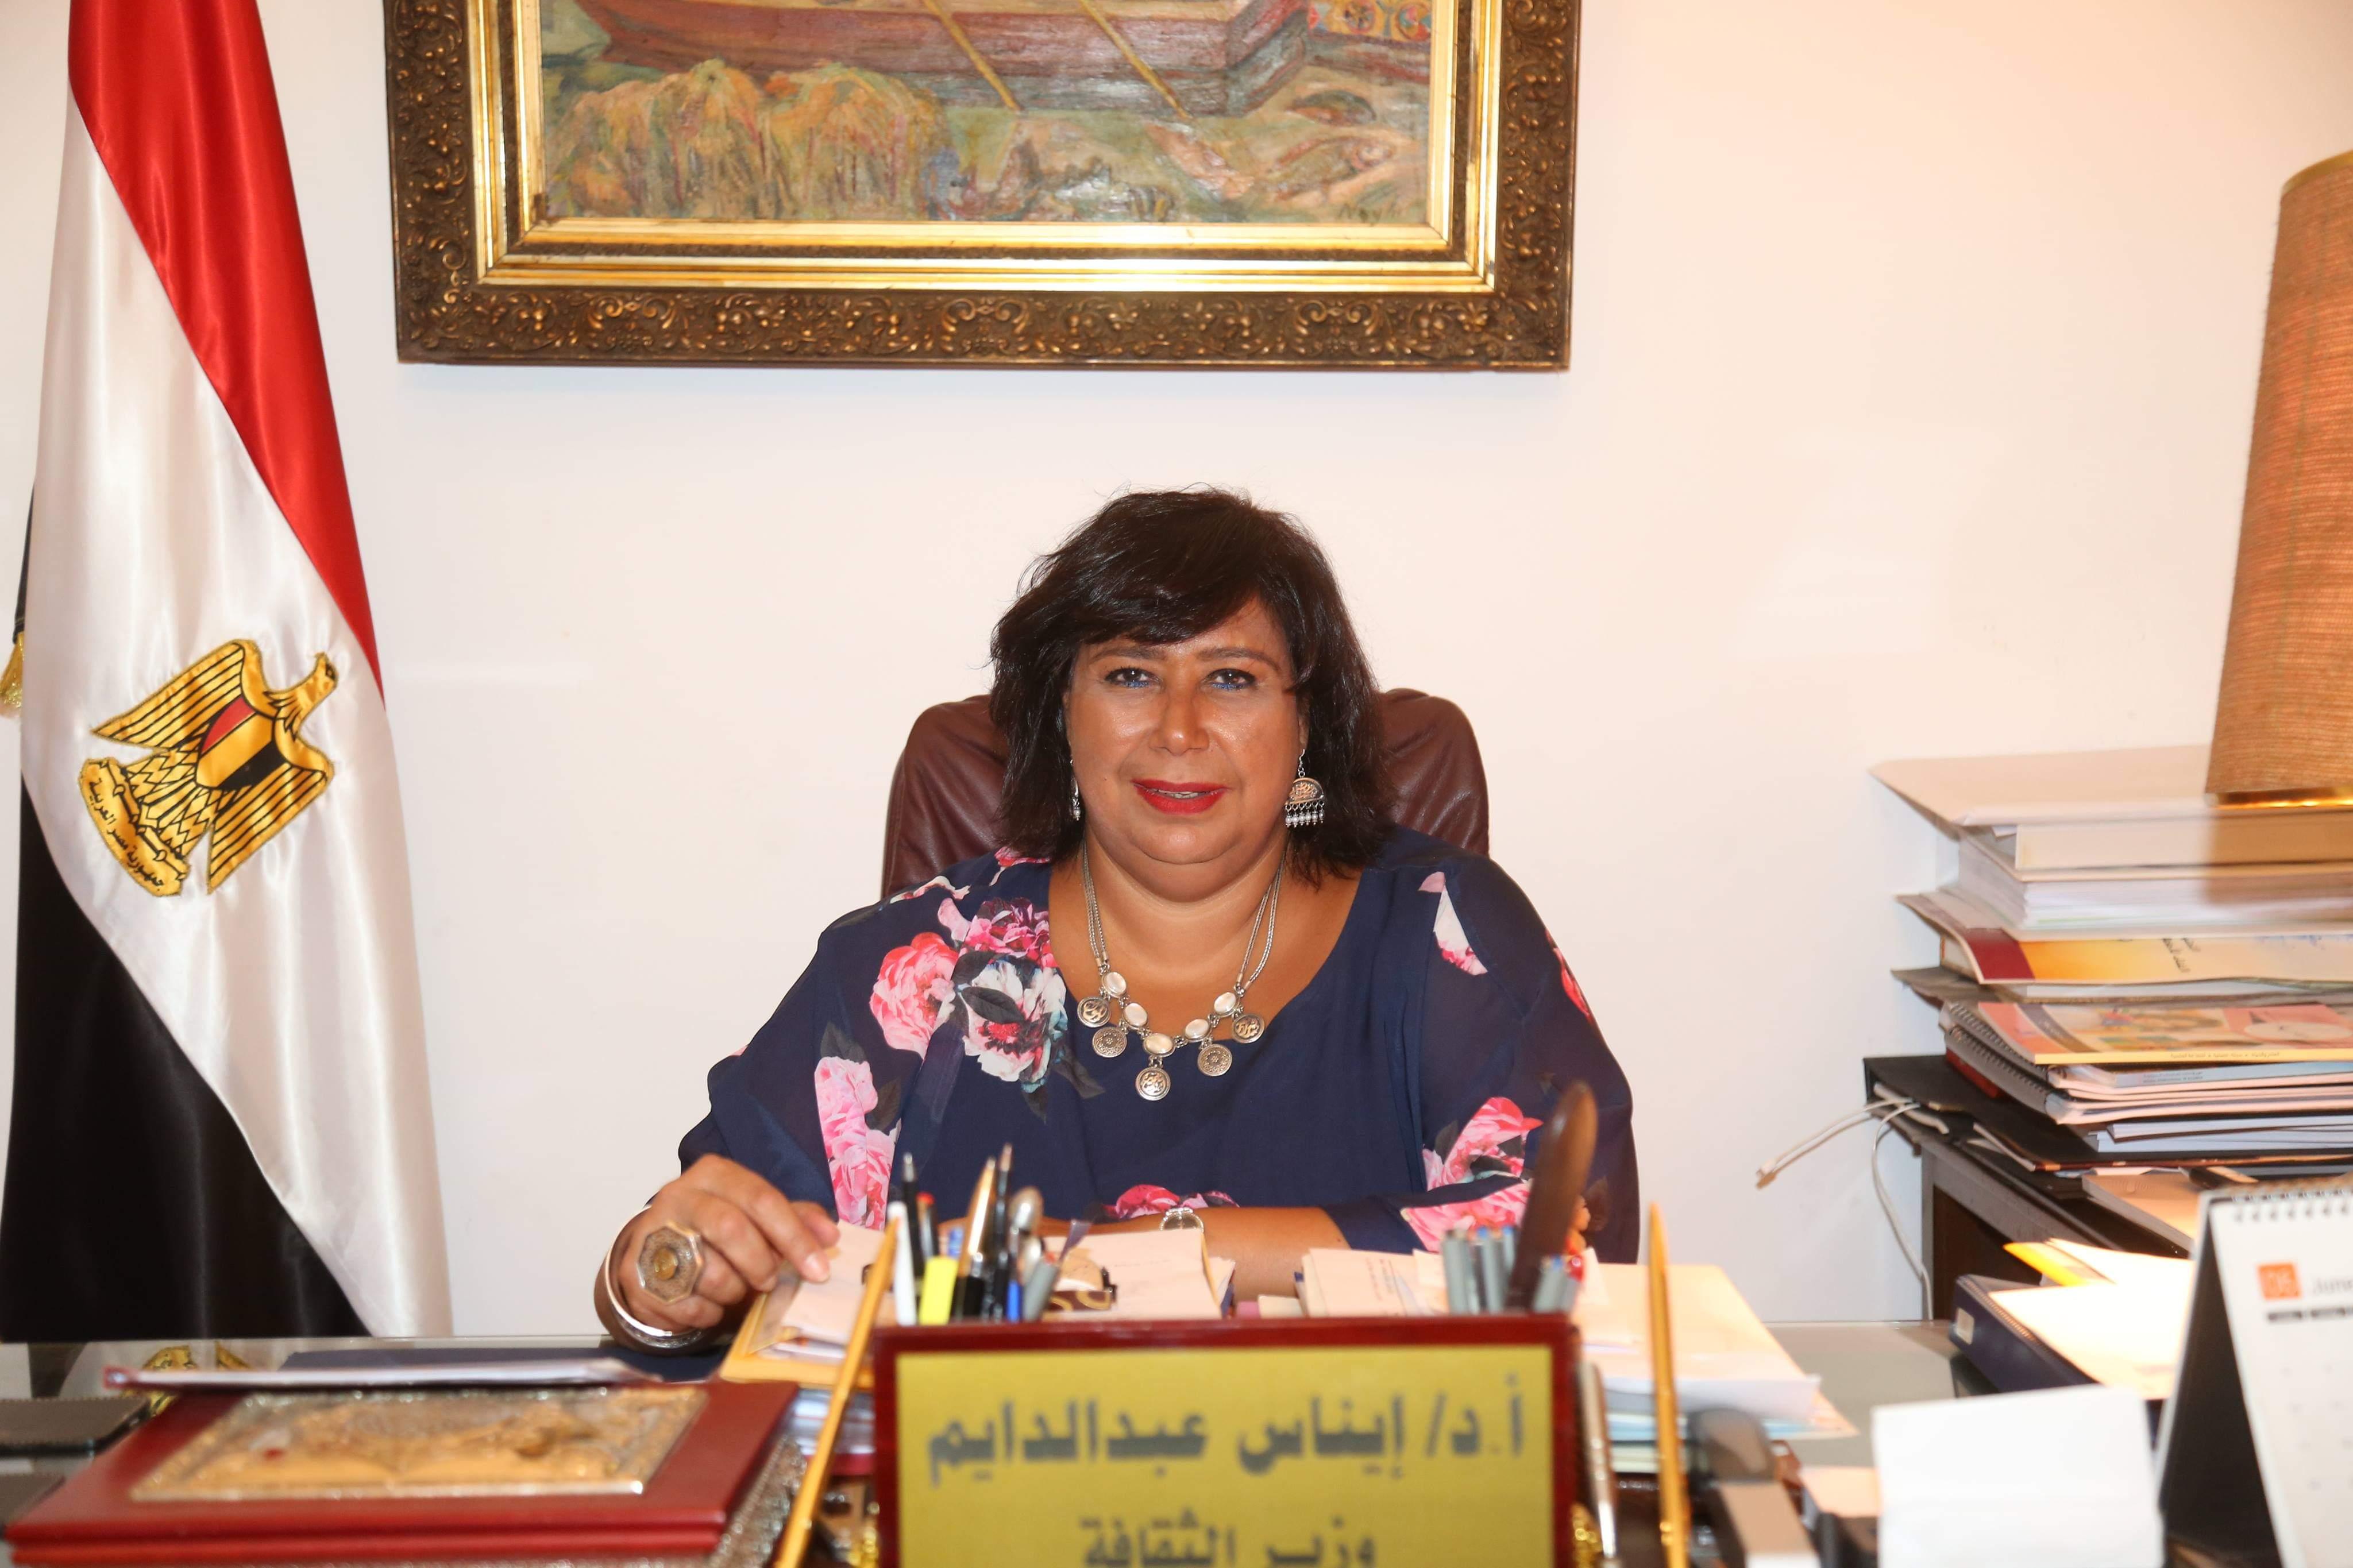 بمناسبة اليوم العالمى للتراث: البريد يصدر طابعا تذكاريا لمتحف محمد محمود خليل